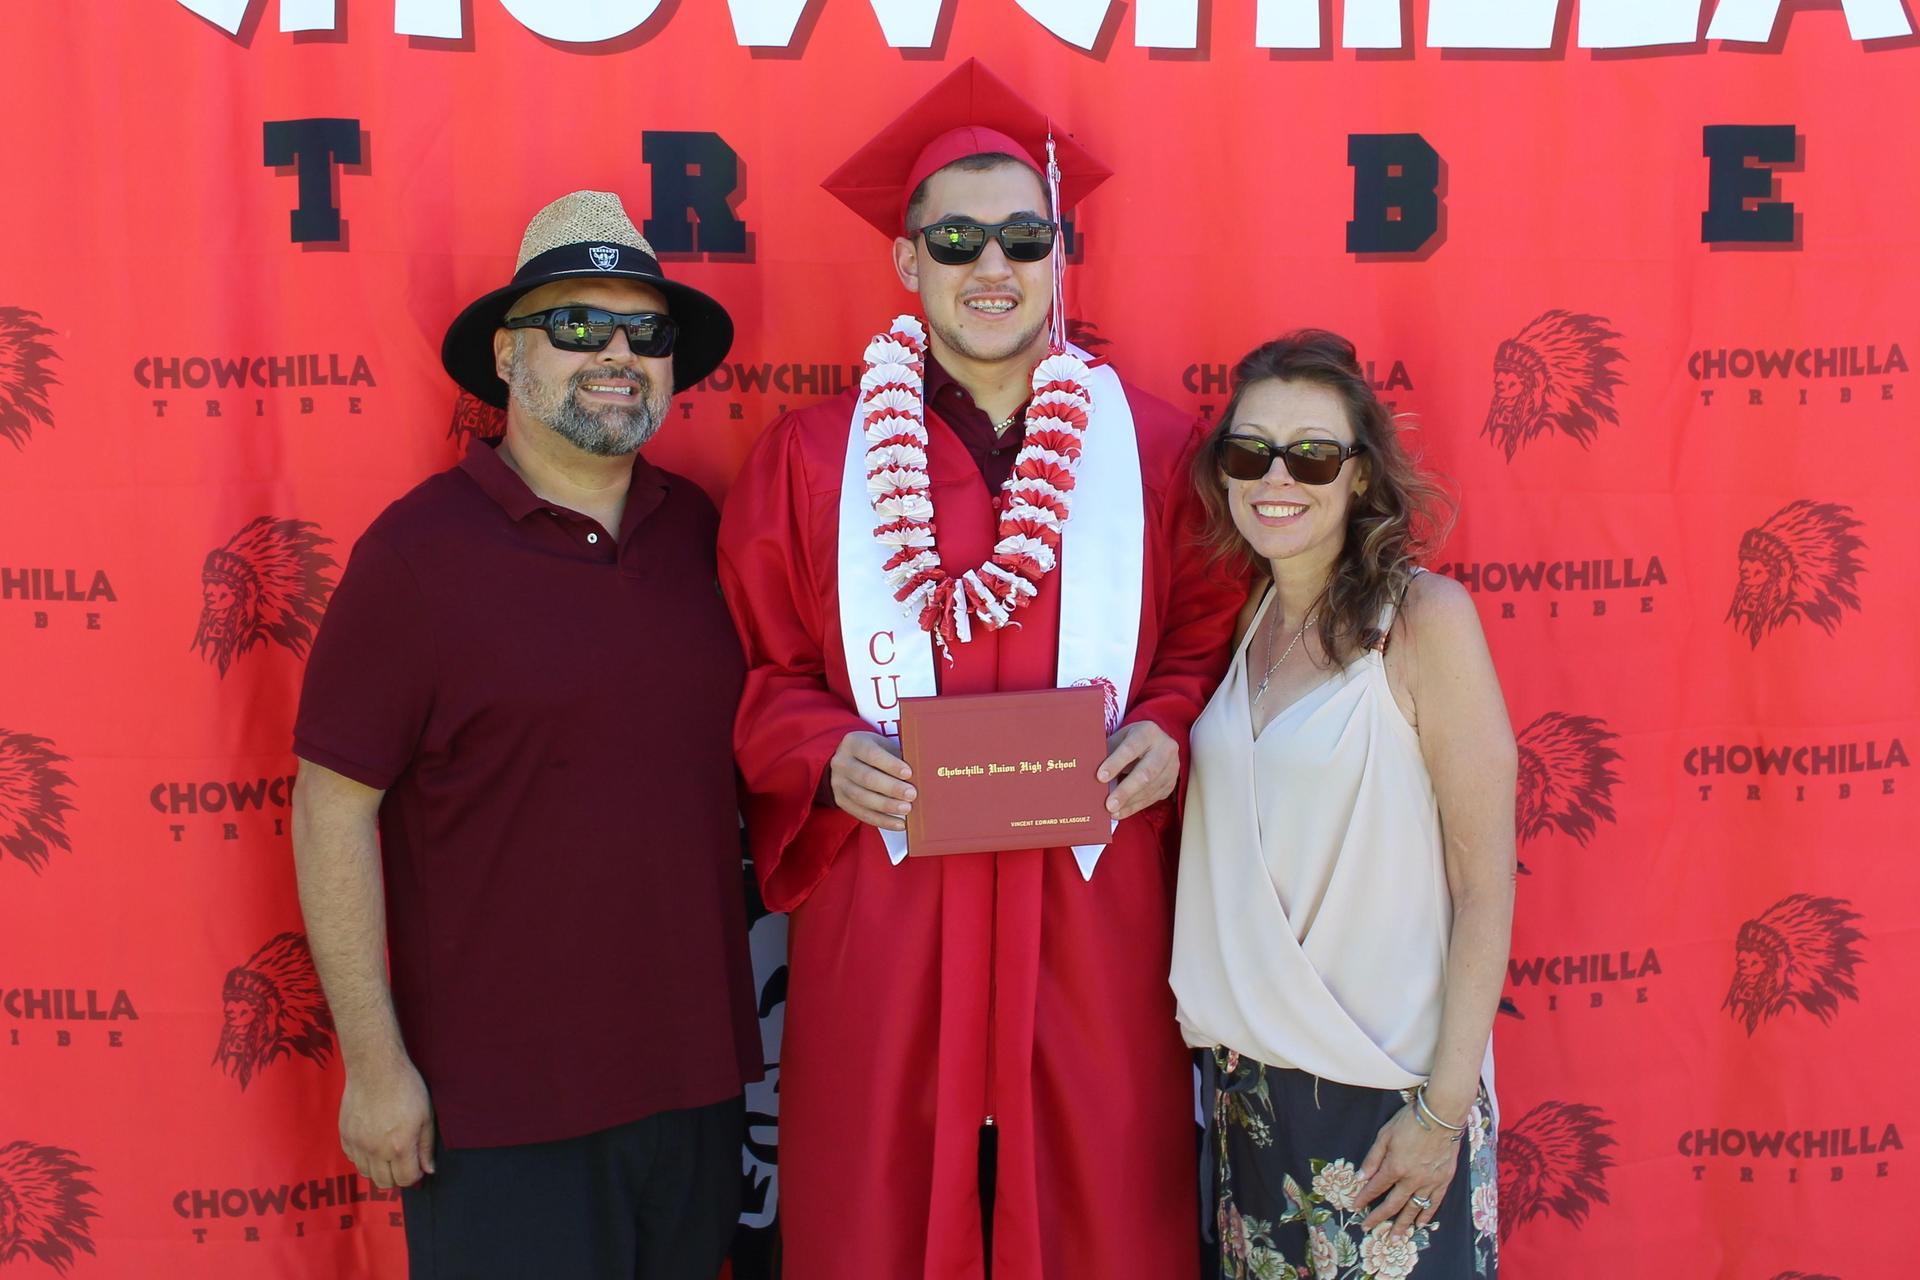 Vincent Velasquez and family